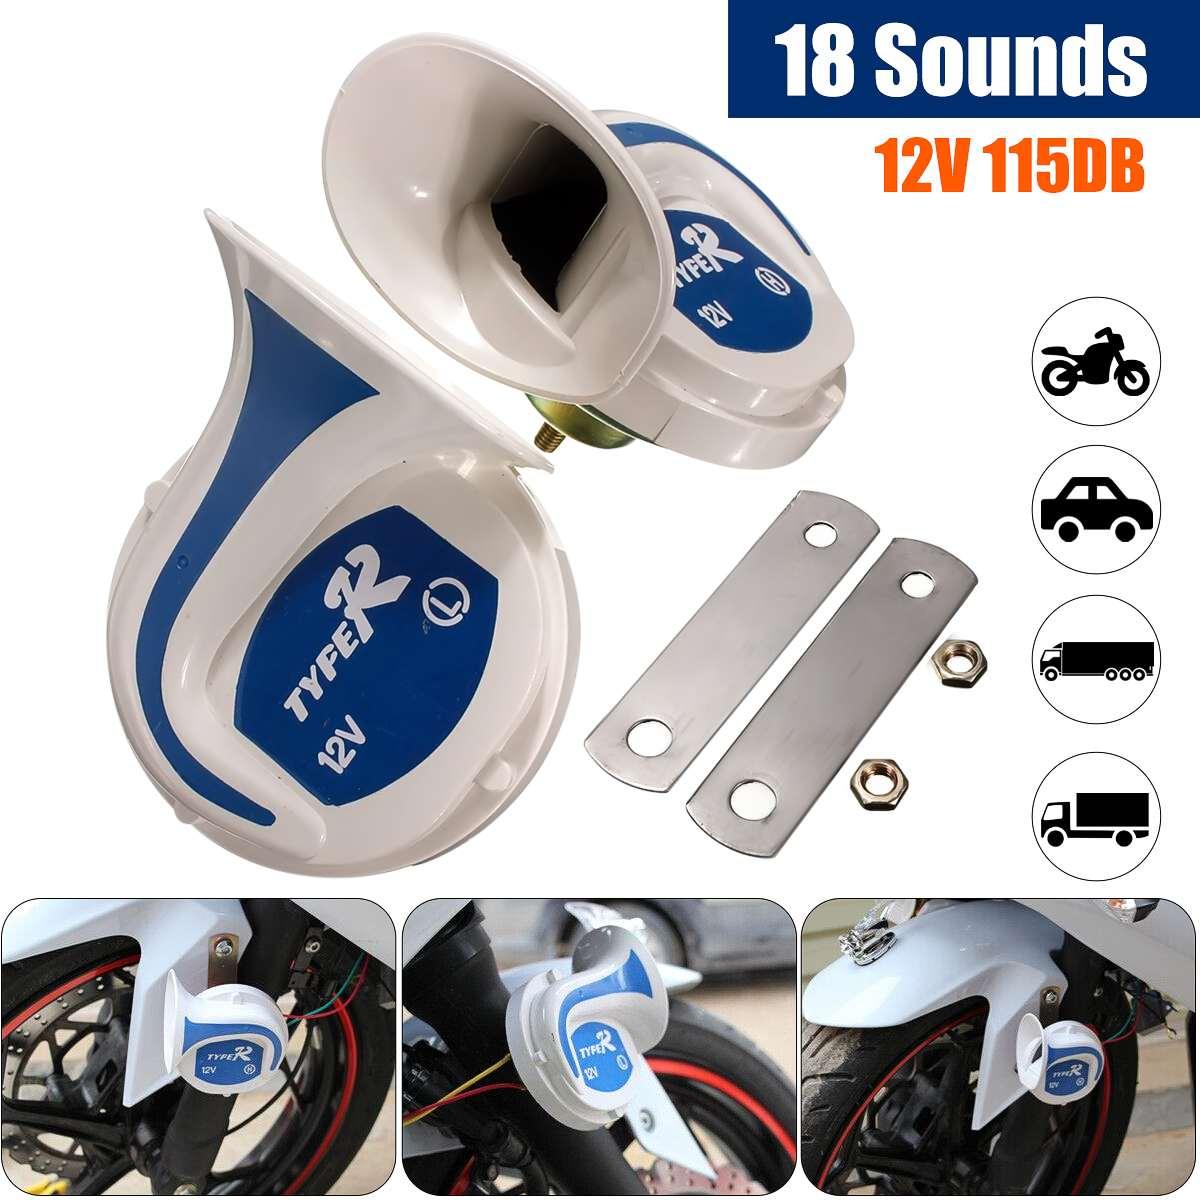 12 v 115 db chifre auto alto falante digital sirene elétrica de ar alto caracol chifre magia 18 sons sistema alarme segurança em casa alto